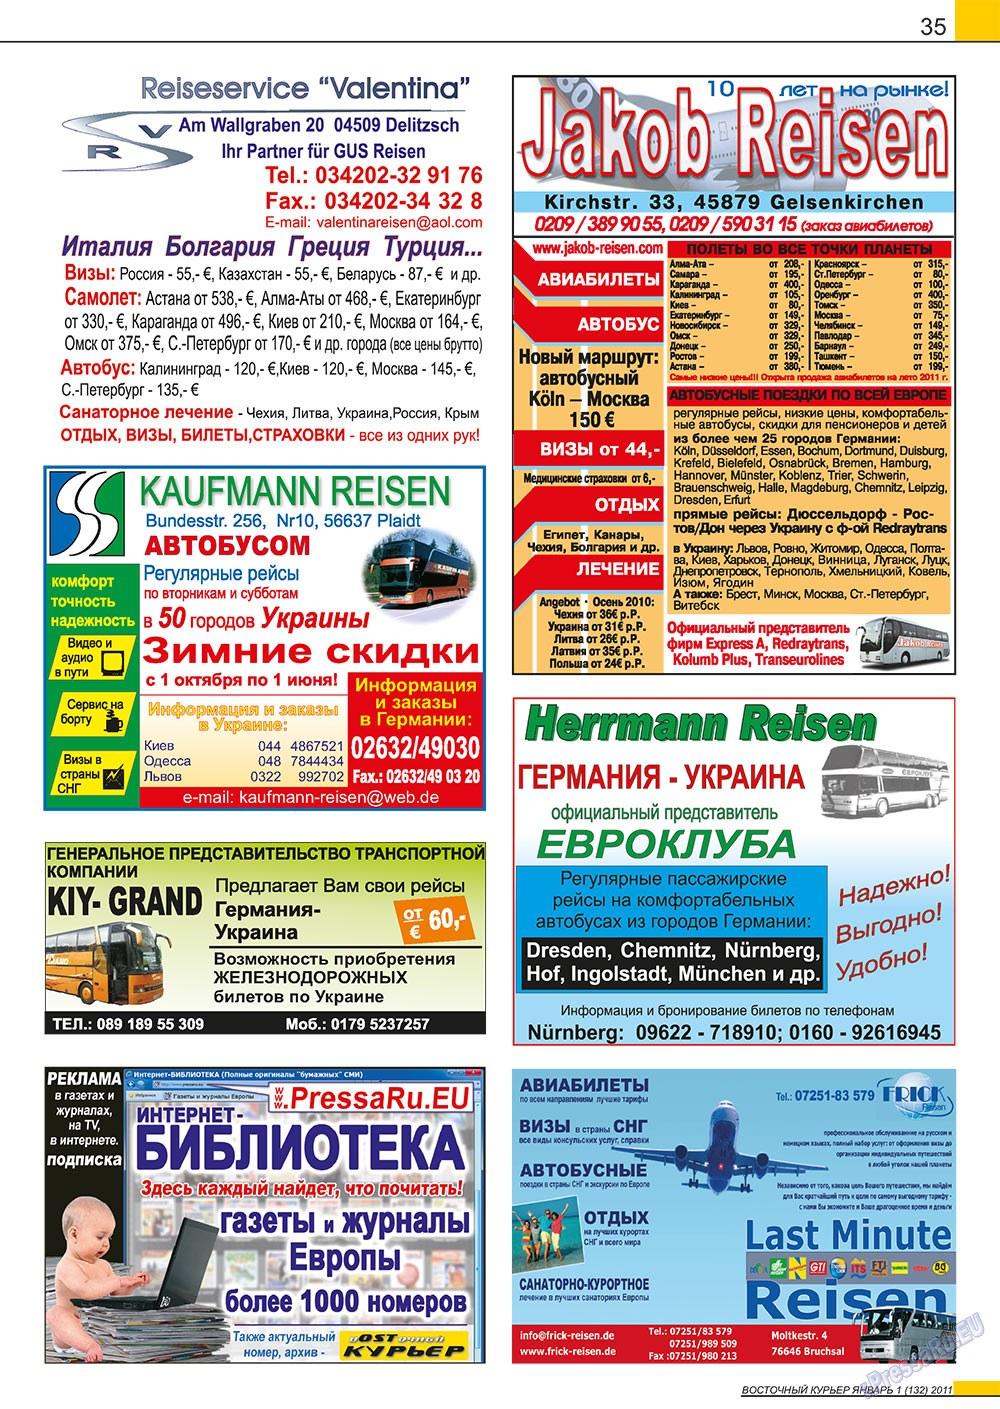 Восточный курьер (журнал). 2011 год, номер 1, стр. 35